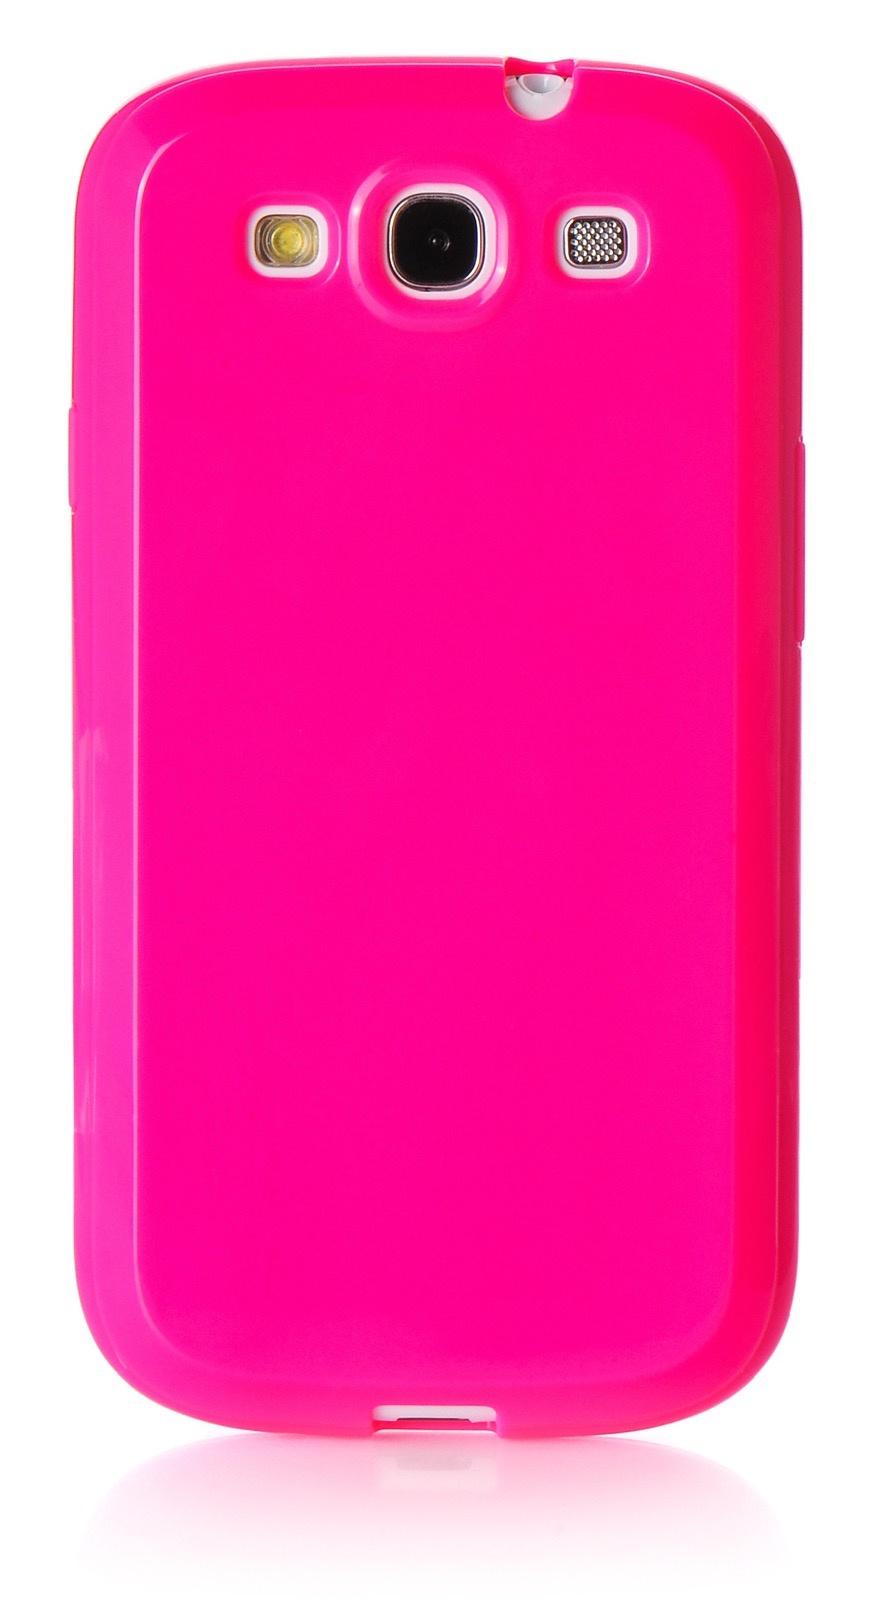 Чехол для сотового телефона iNeez накладка силикон мыльница 380356 для Samsung Galaxy S3, темно-розовый